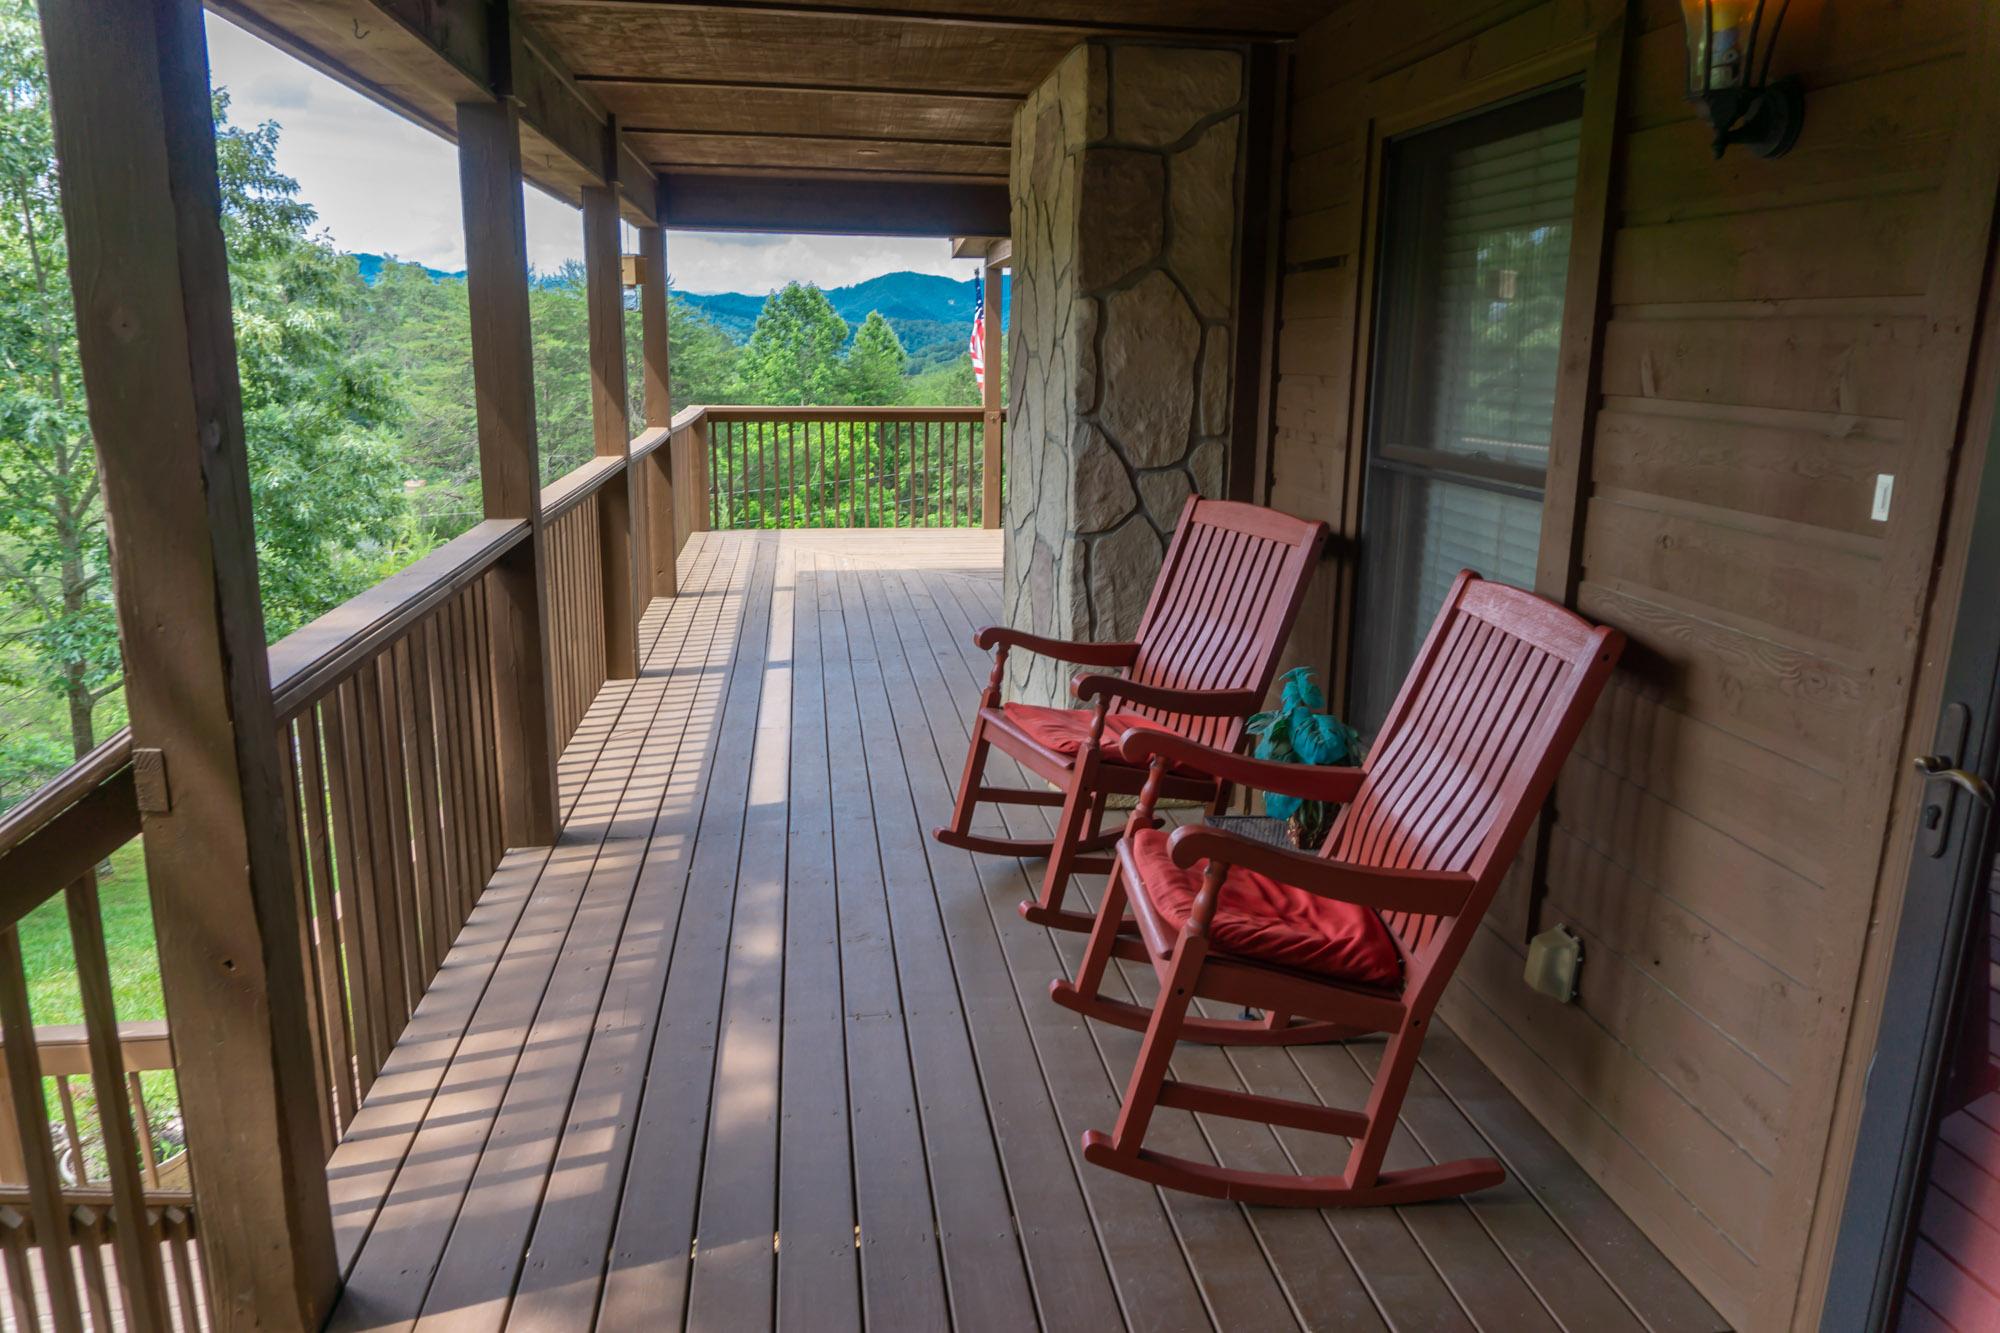 Smoky-Mountain-Splendor-front-porch-view